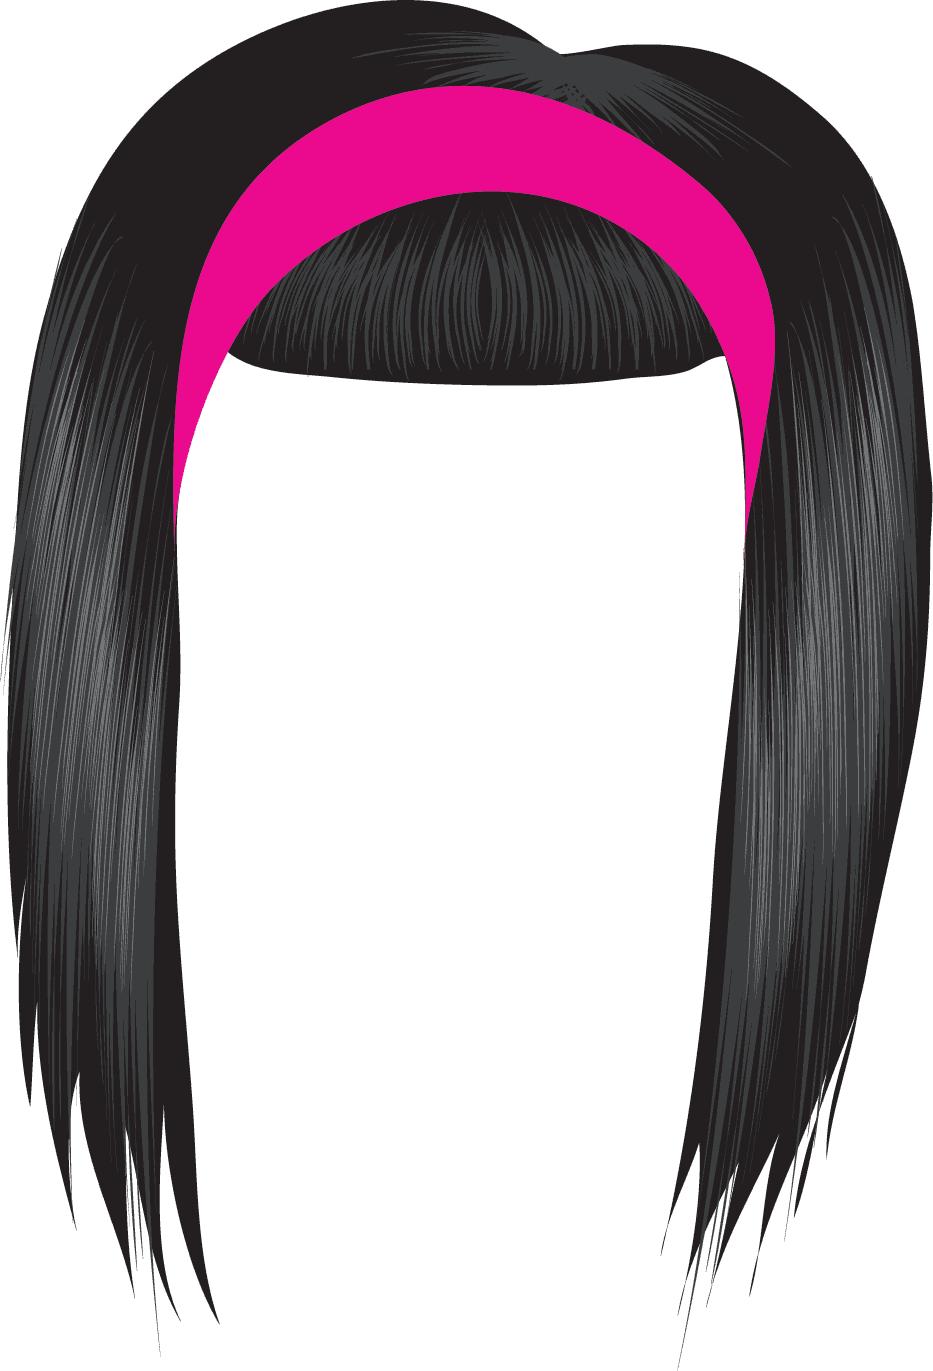 hair clip art clipart panda free clipart images rh clipartpanda com hair clip art free hair clip art free